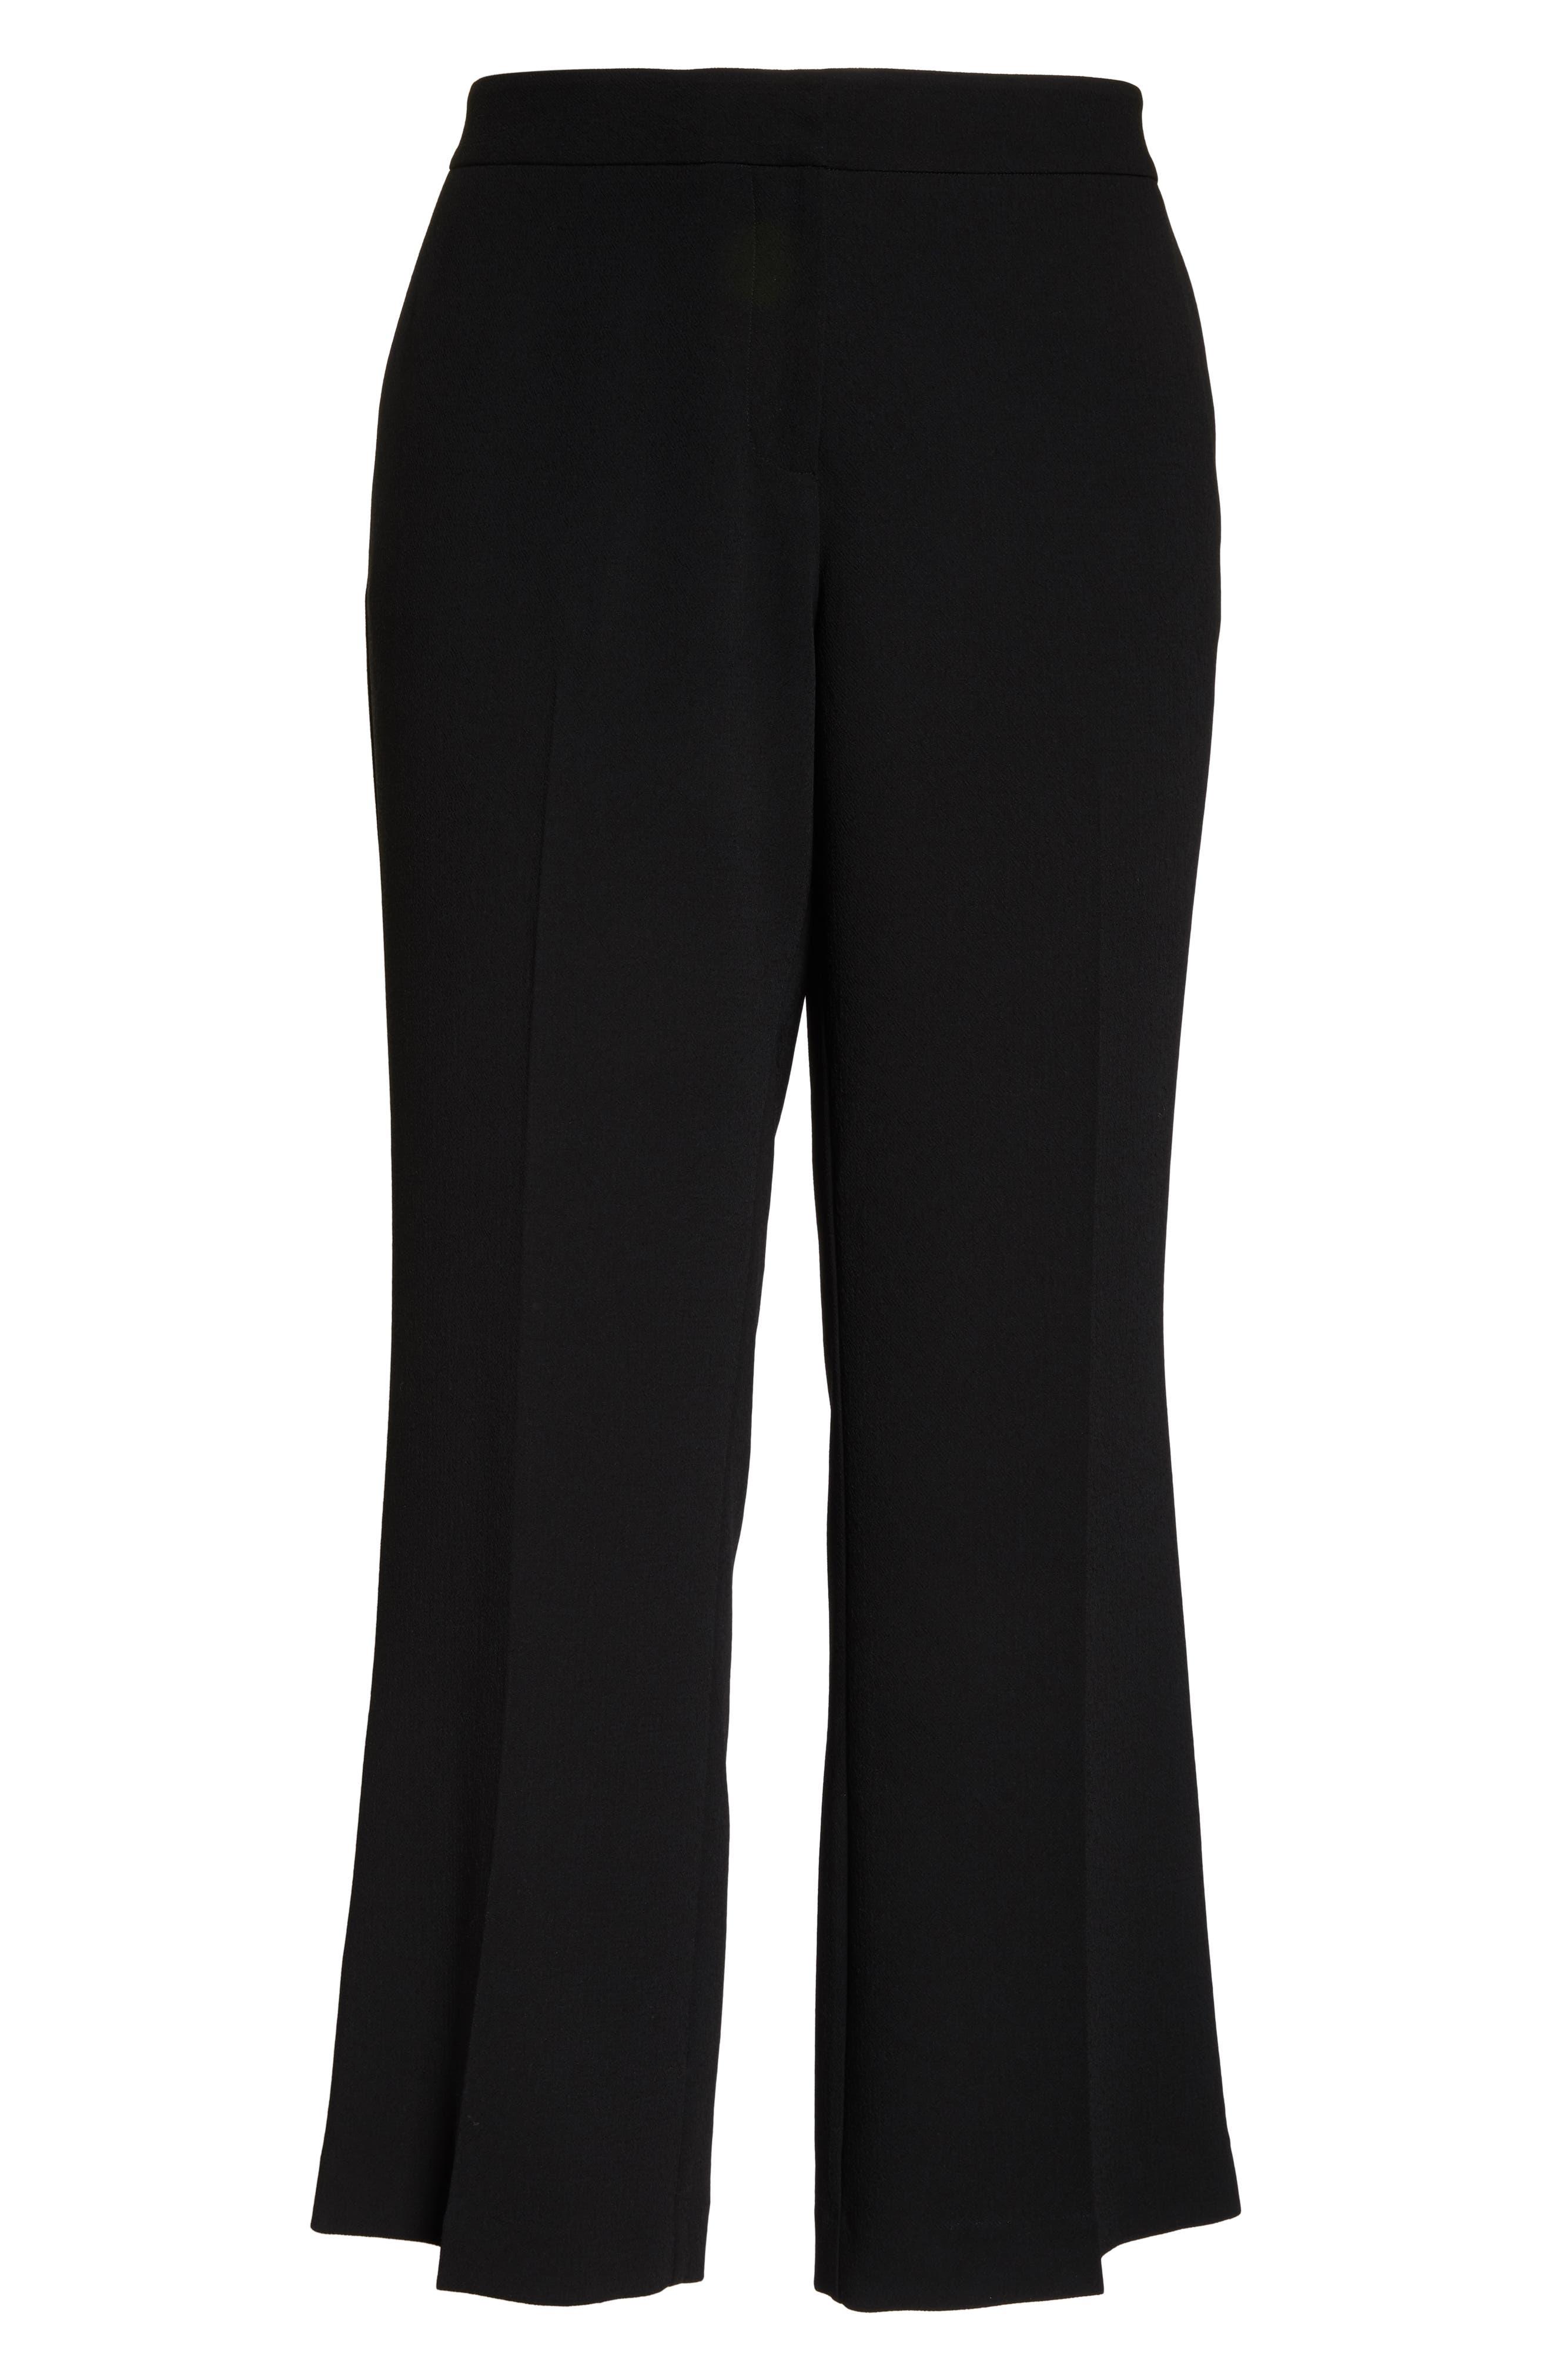 VINCE CAMUTO,                             Parisian Crepe Straight Leg Pants,                             Alternate thumbnail 7, color,                             RICH BLACK